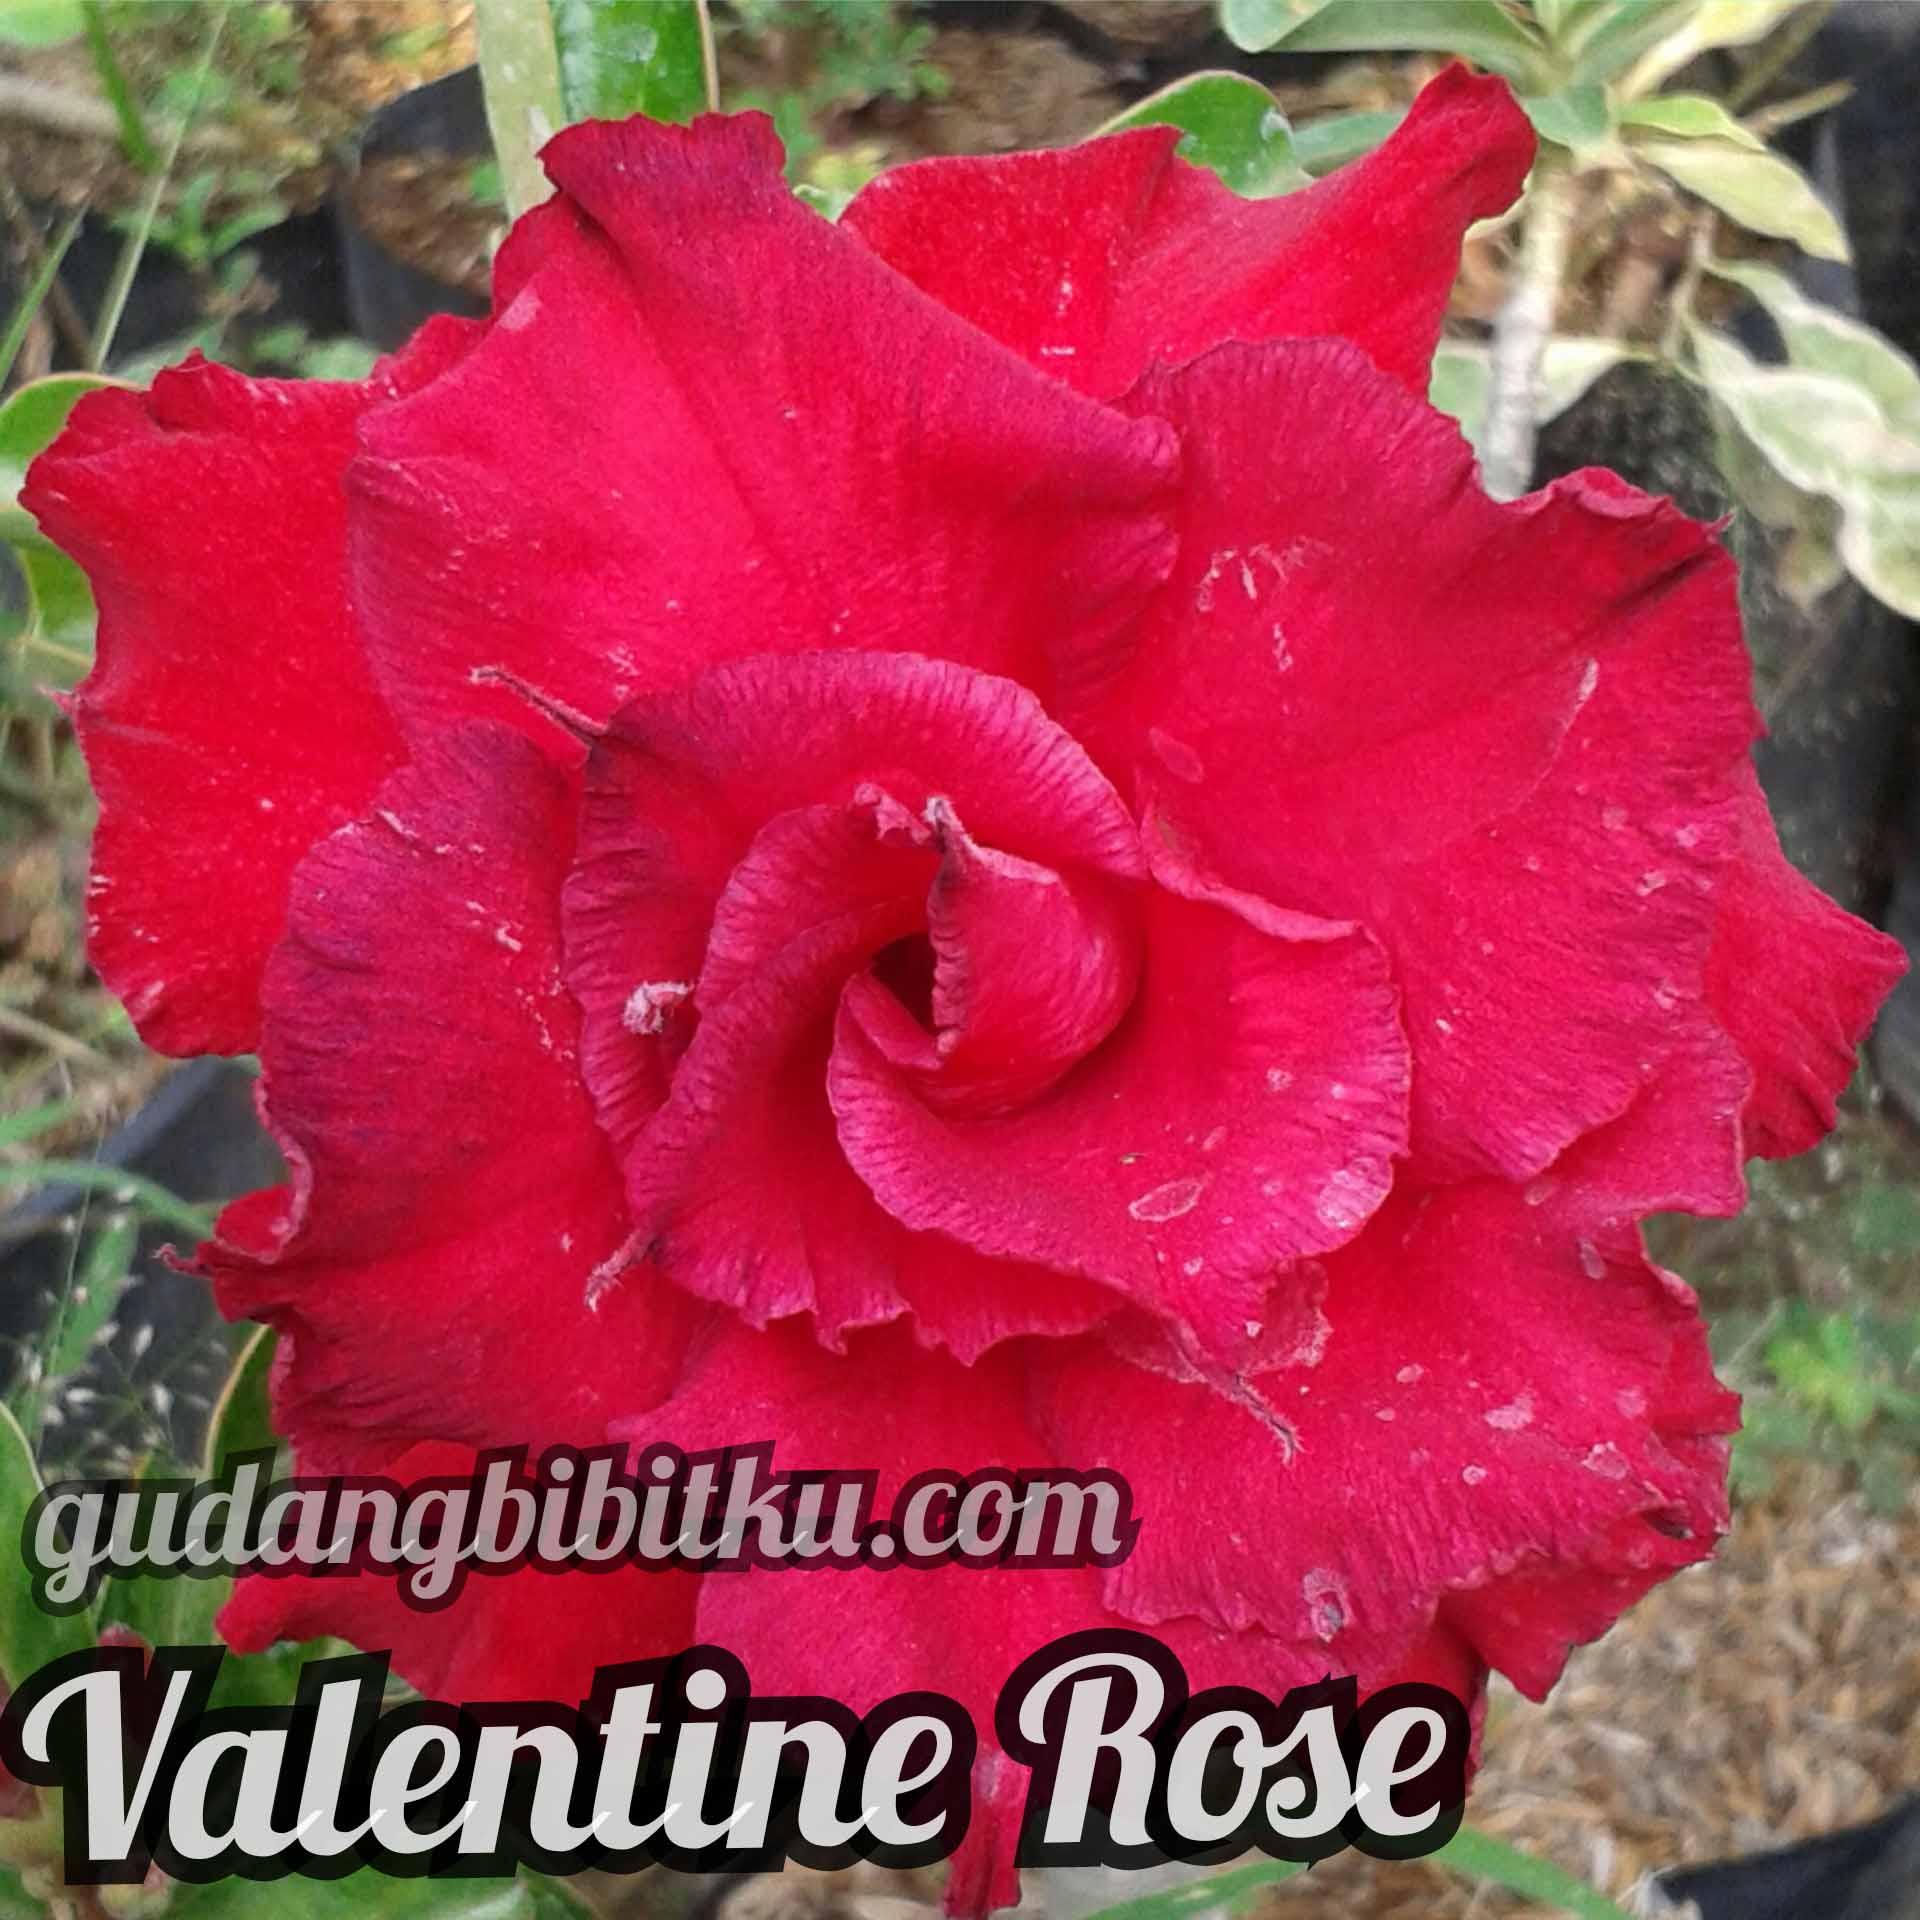 jual bibit adenium valentine rose